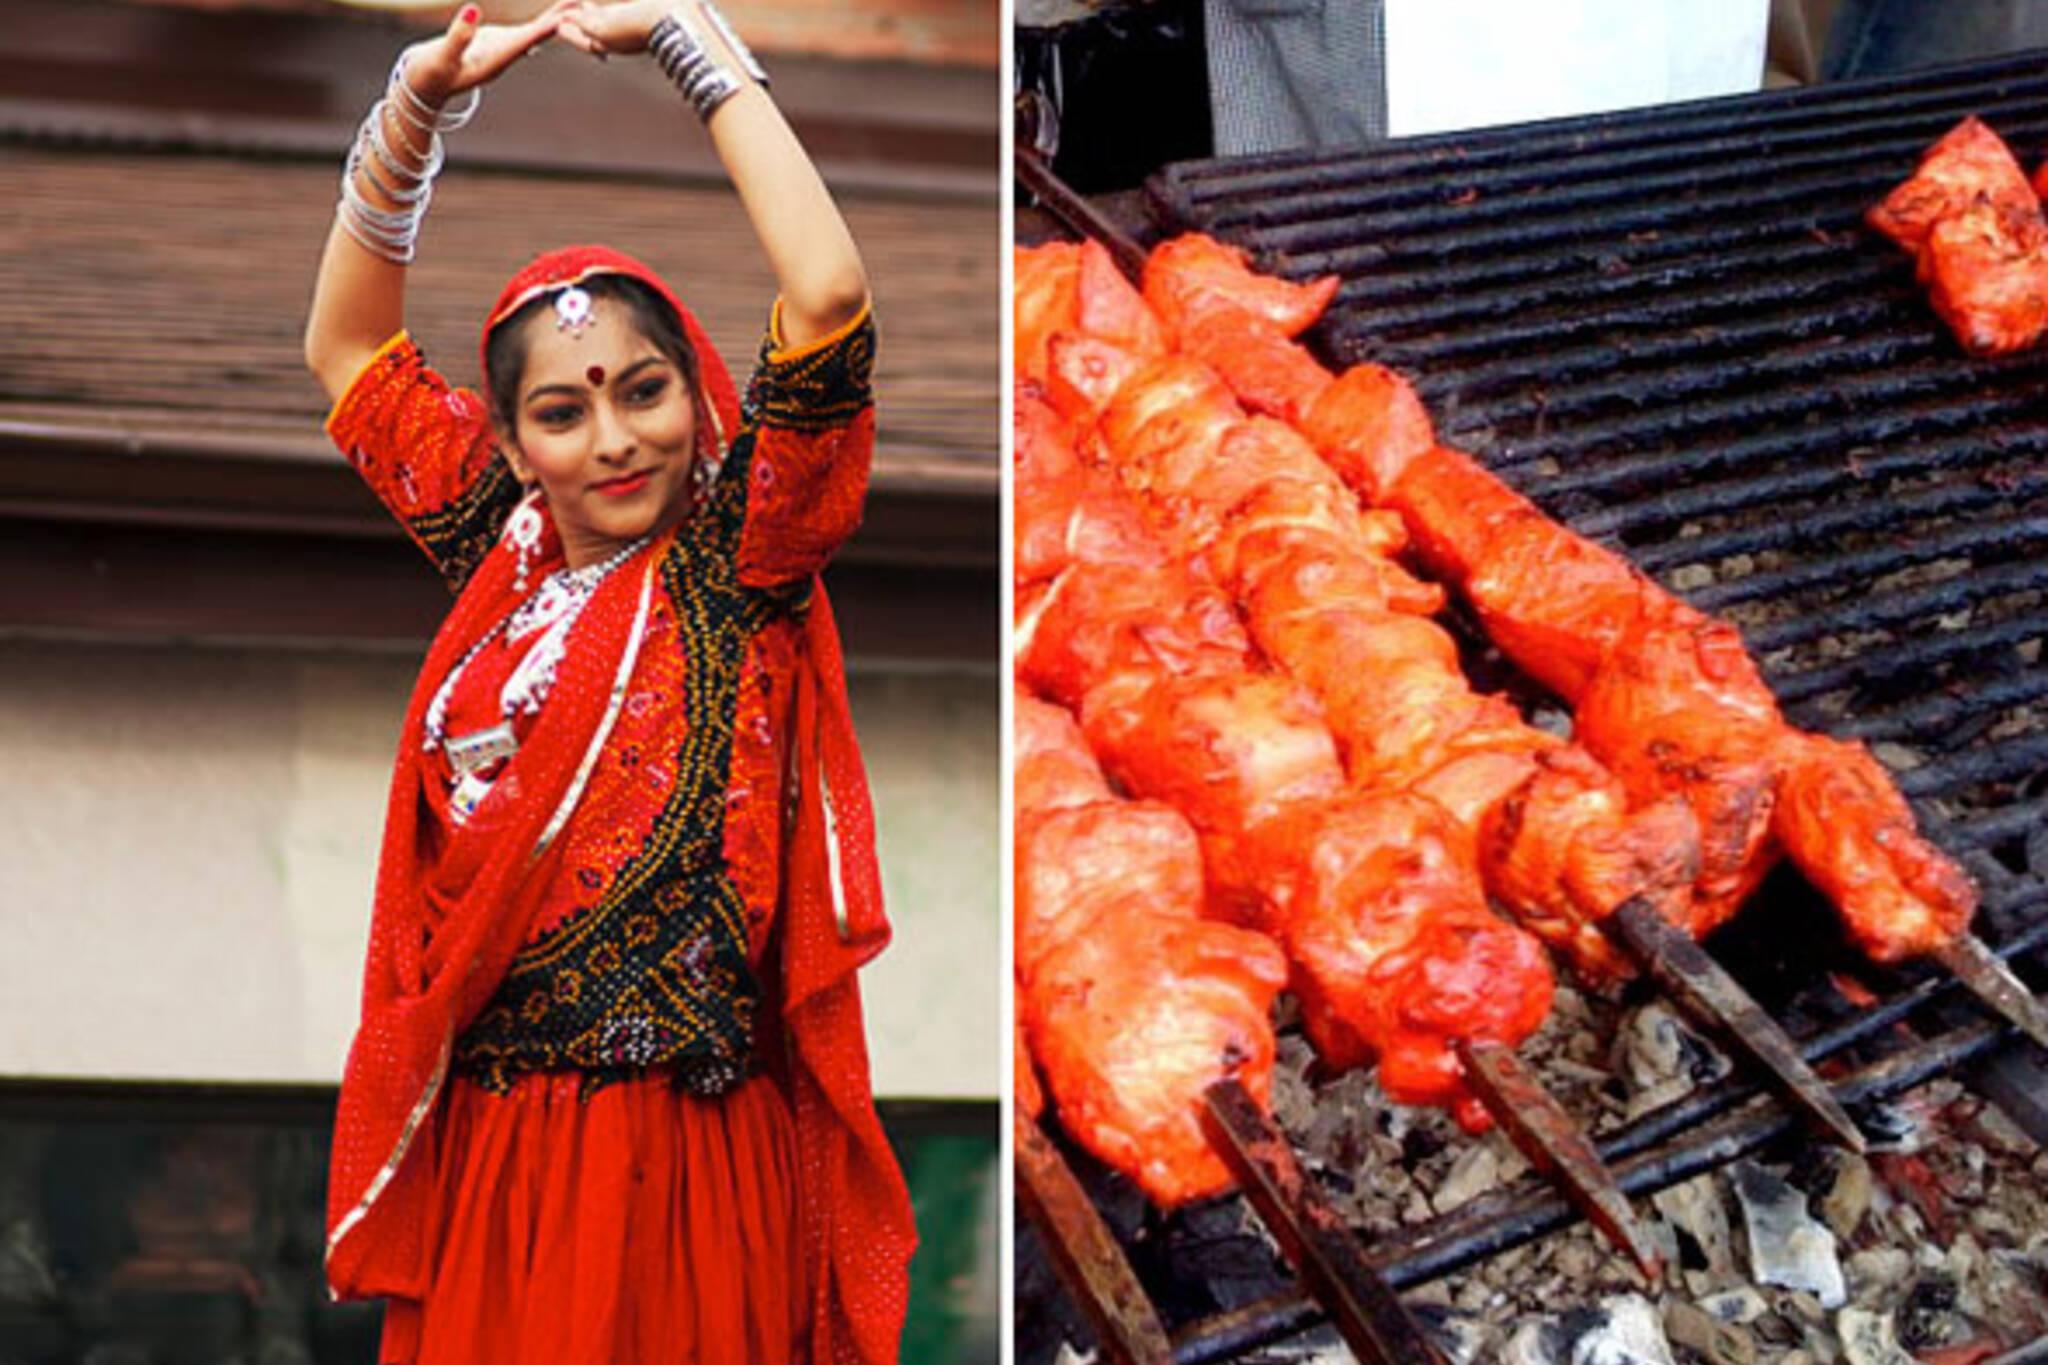 south asia festival toronto